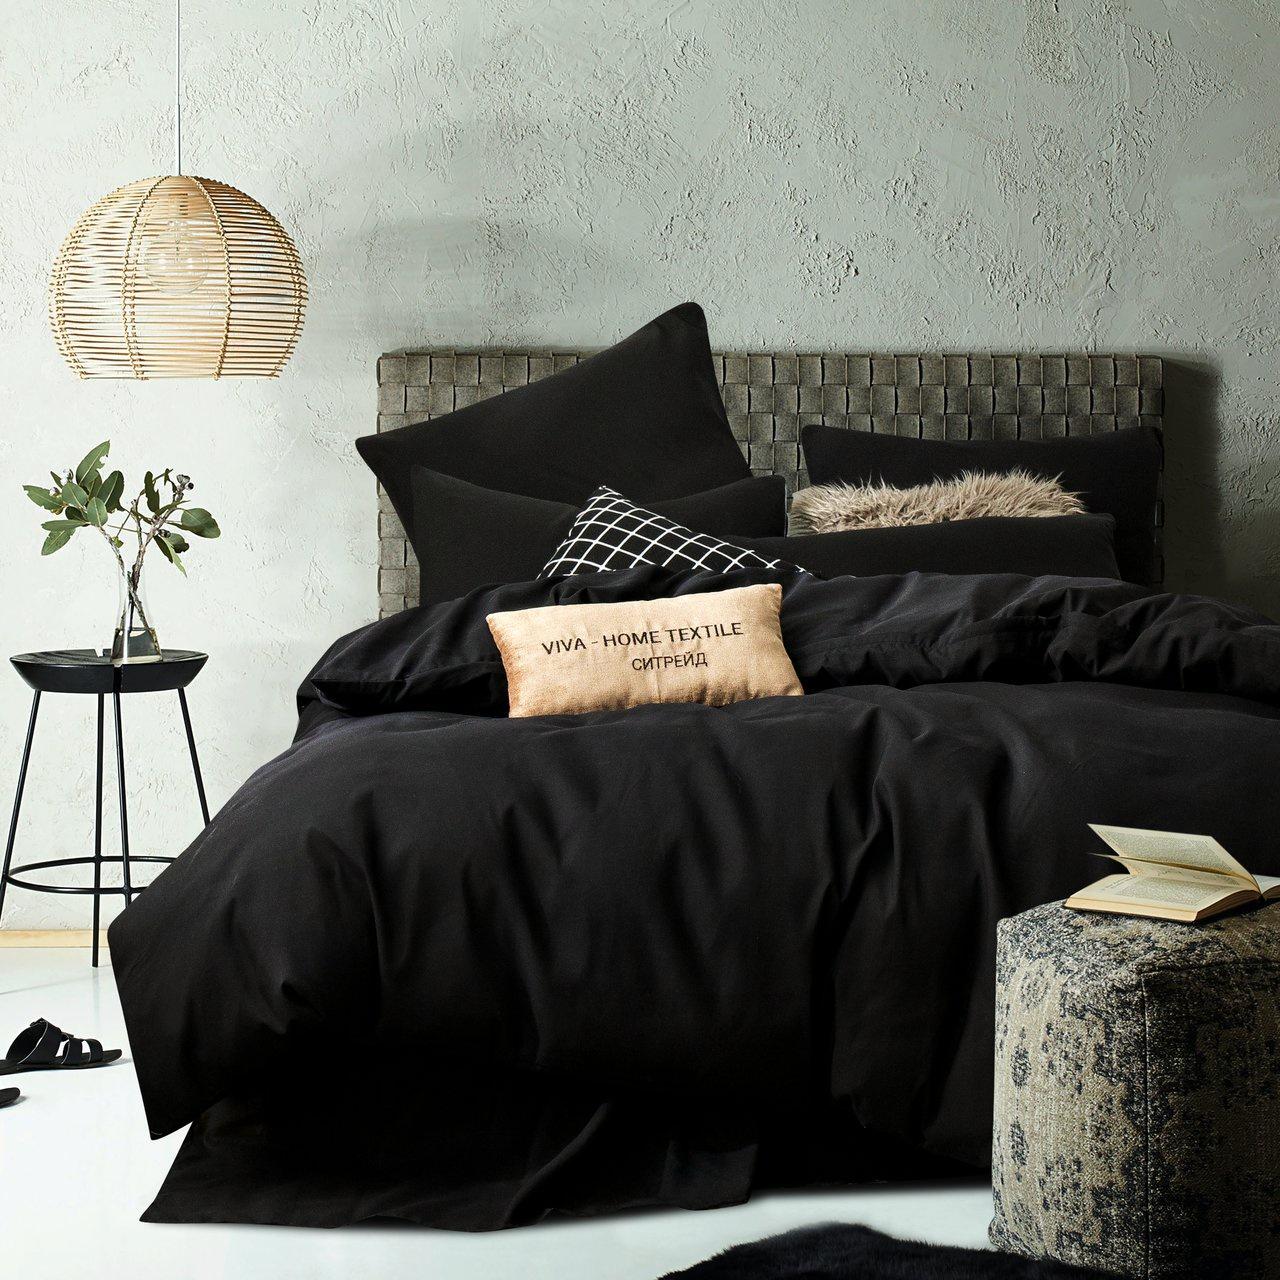 Комплект постельного белья Ситрейд CS020-1 50-70 1.5 спальный, наволочки 50-70 2 шт елка канадская 150 см 342 ветки 1 шт в упаковке 2